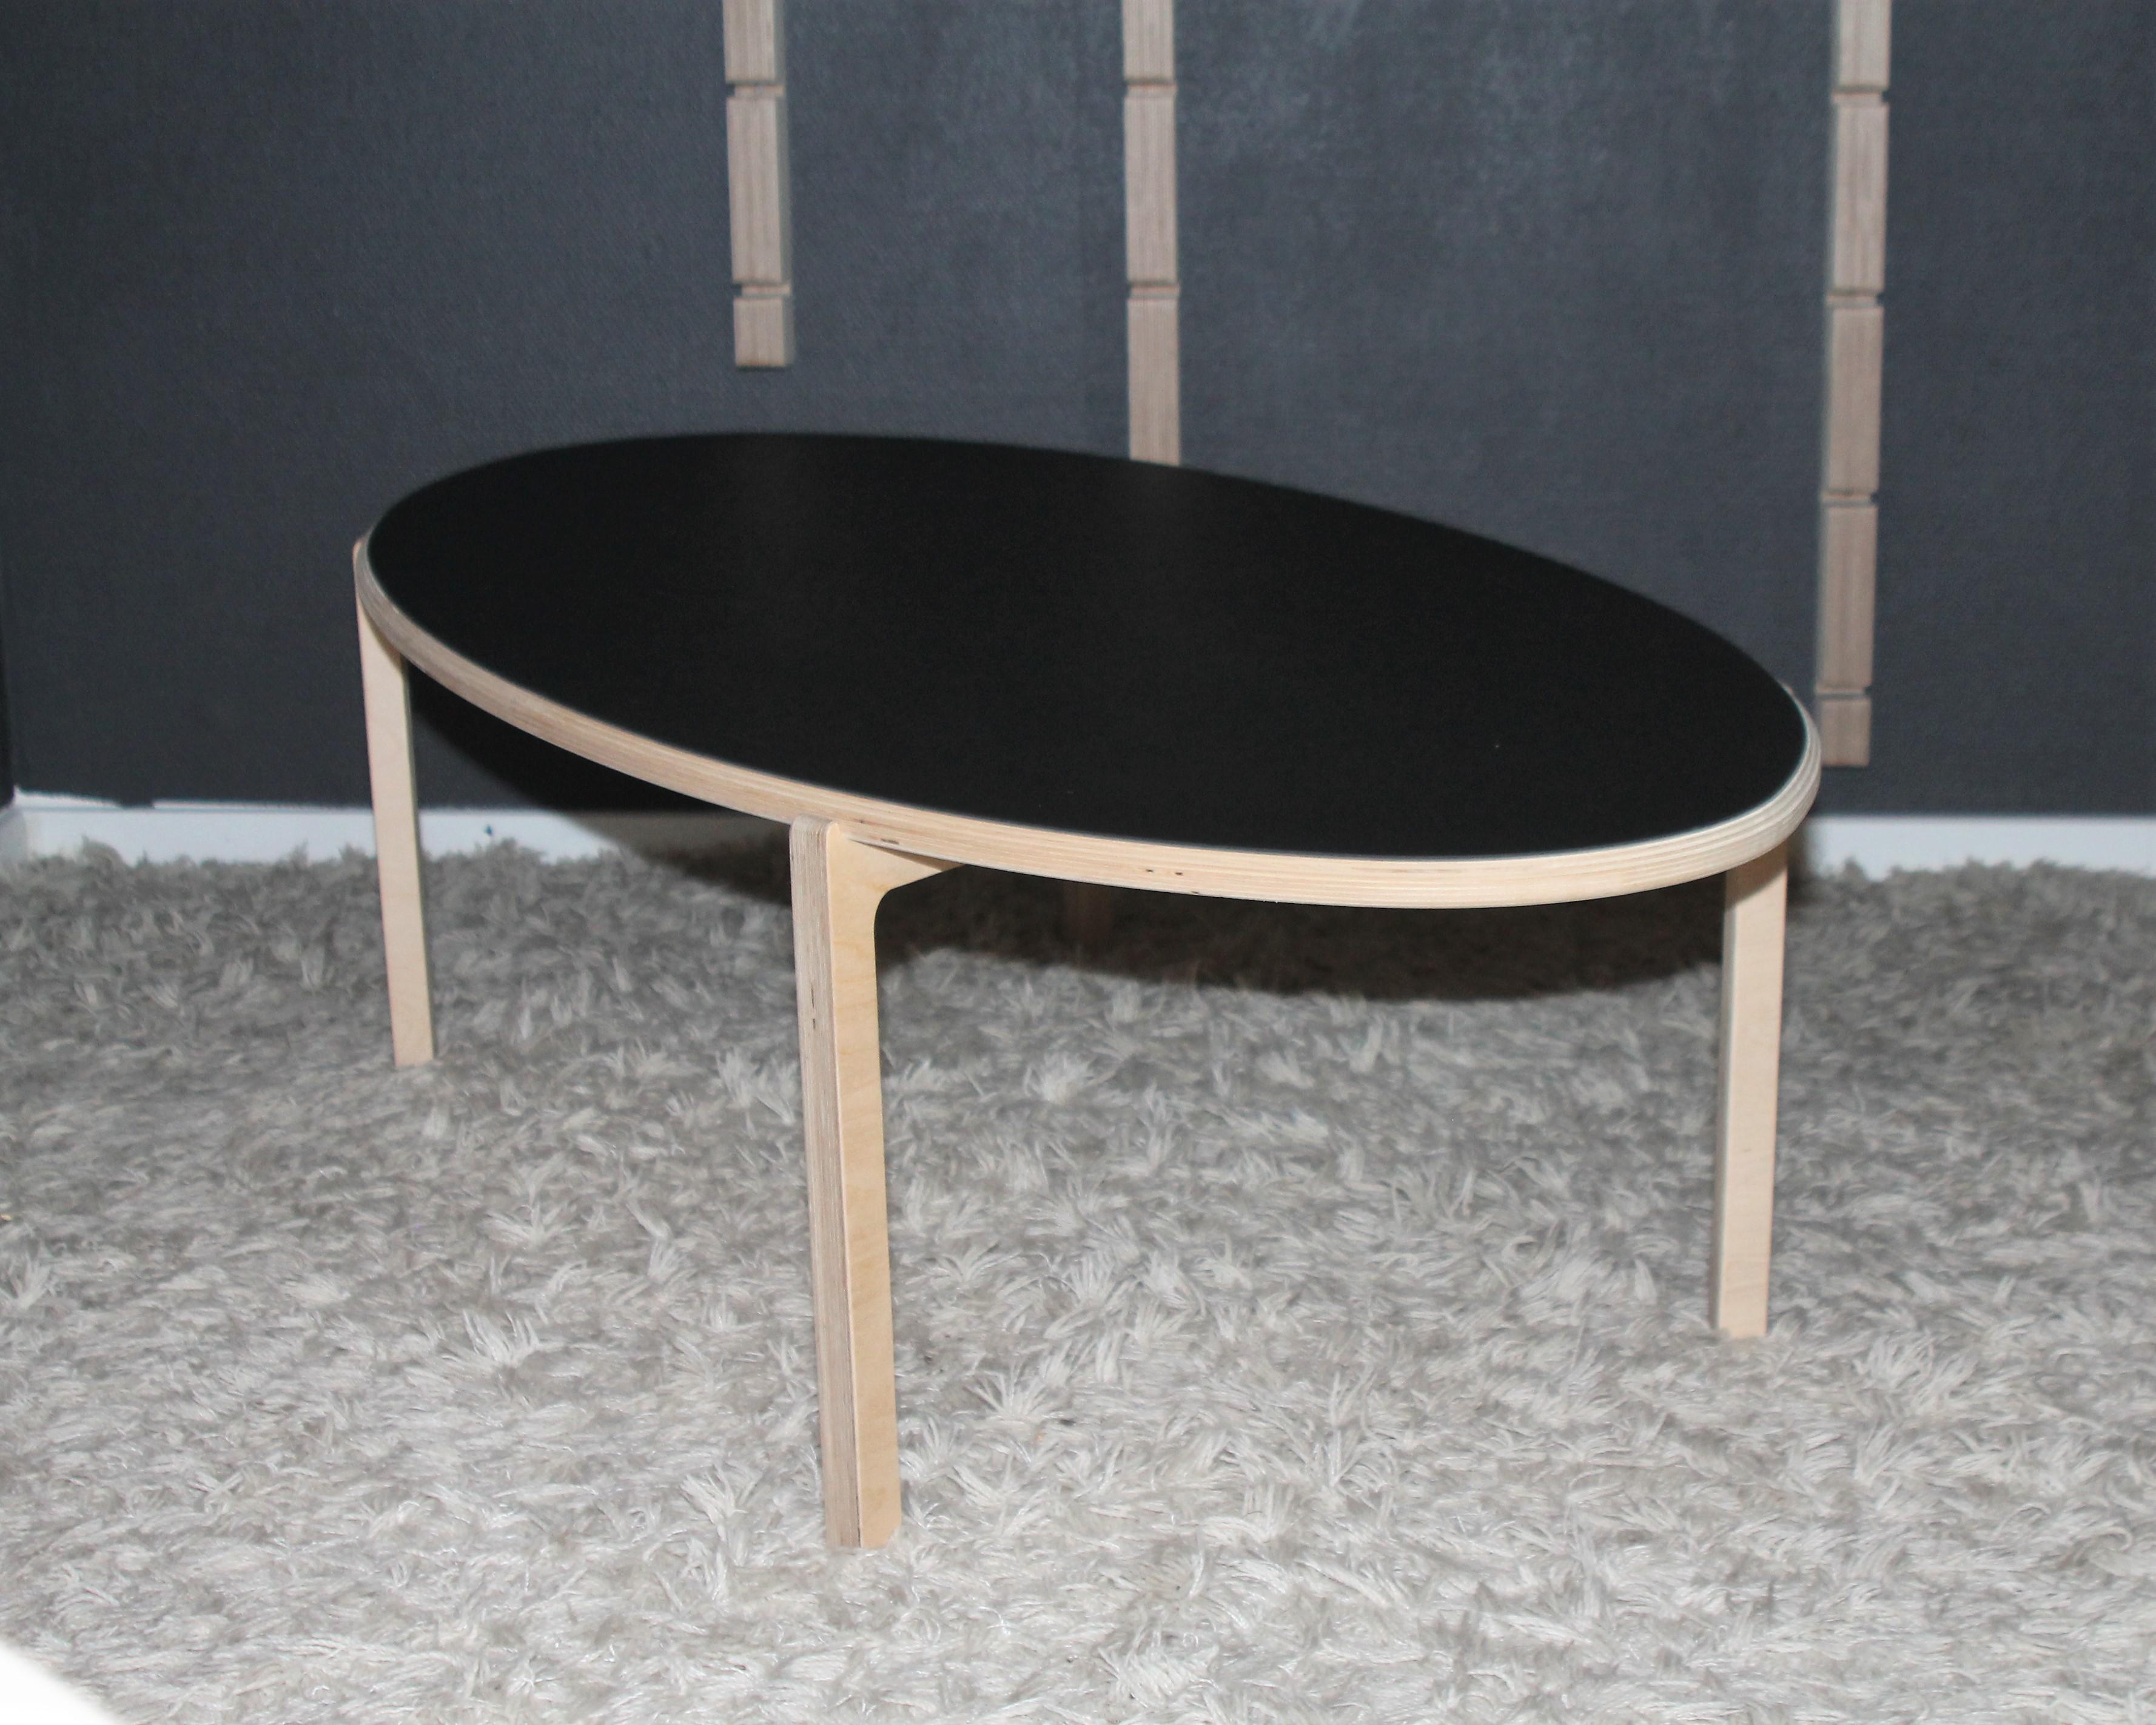 Storslått Smukt ovalt sofabord, som vil passe i ethvert moderne hjem. MT-22